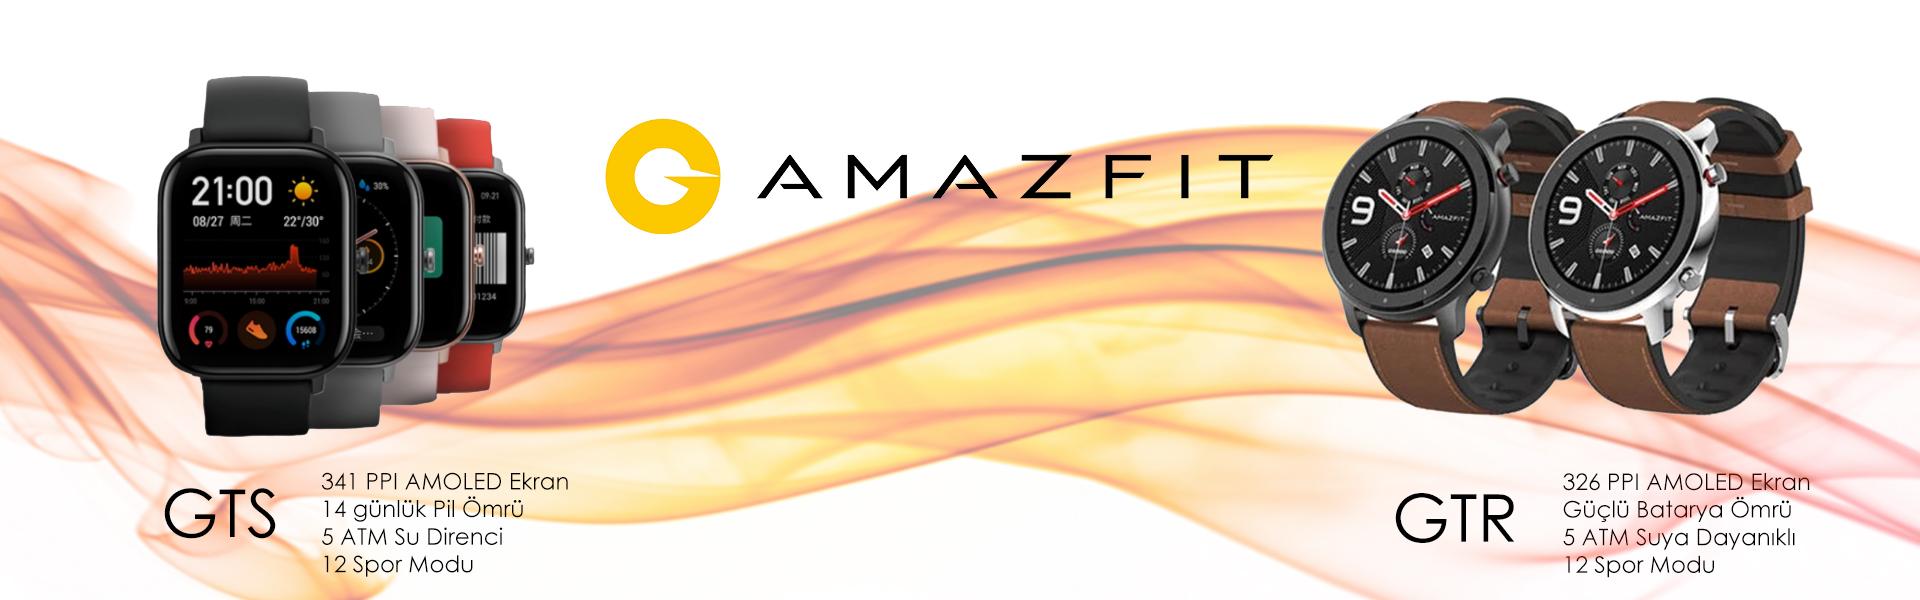 http://www.sanalbt.com/wp-content/uploads/2019/11/sanalbt-amazfit-gts-gtr-banner.jpg